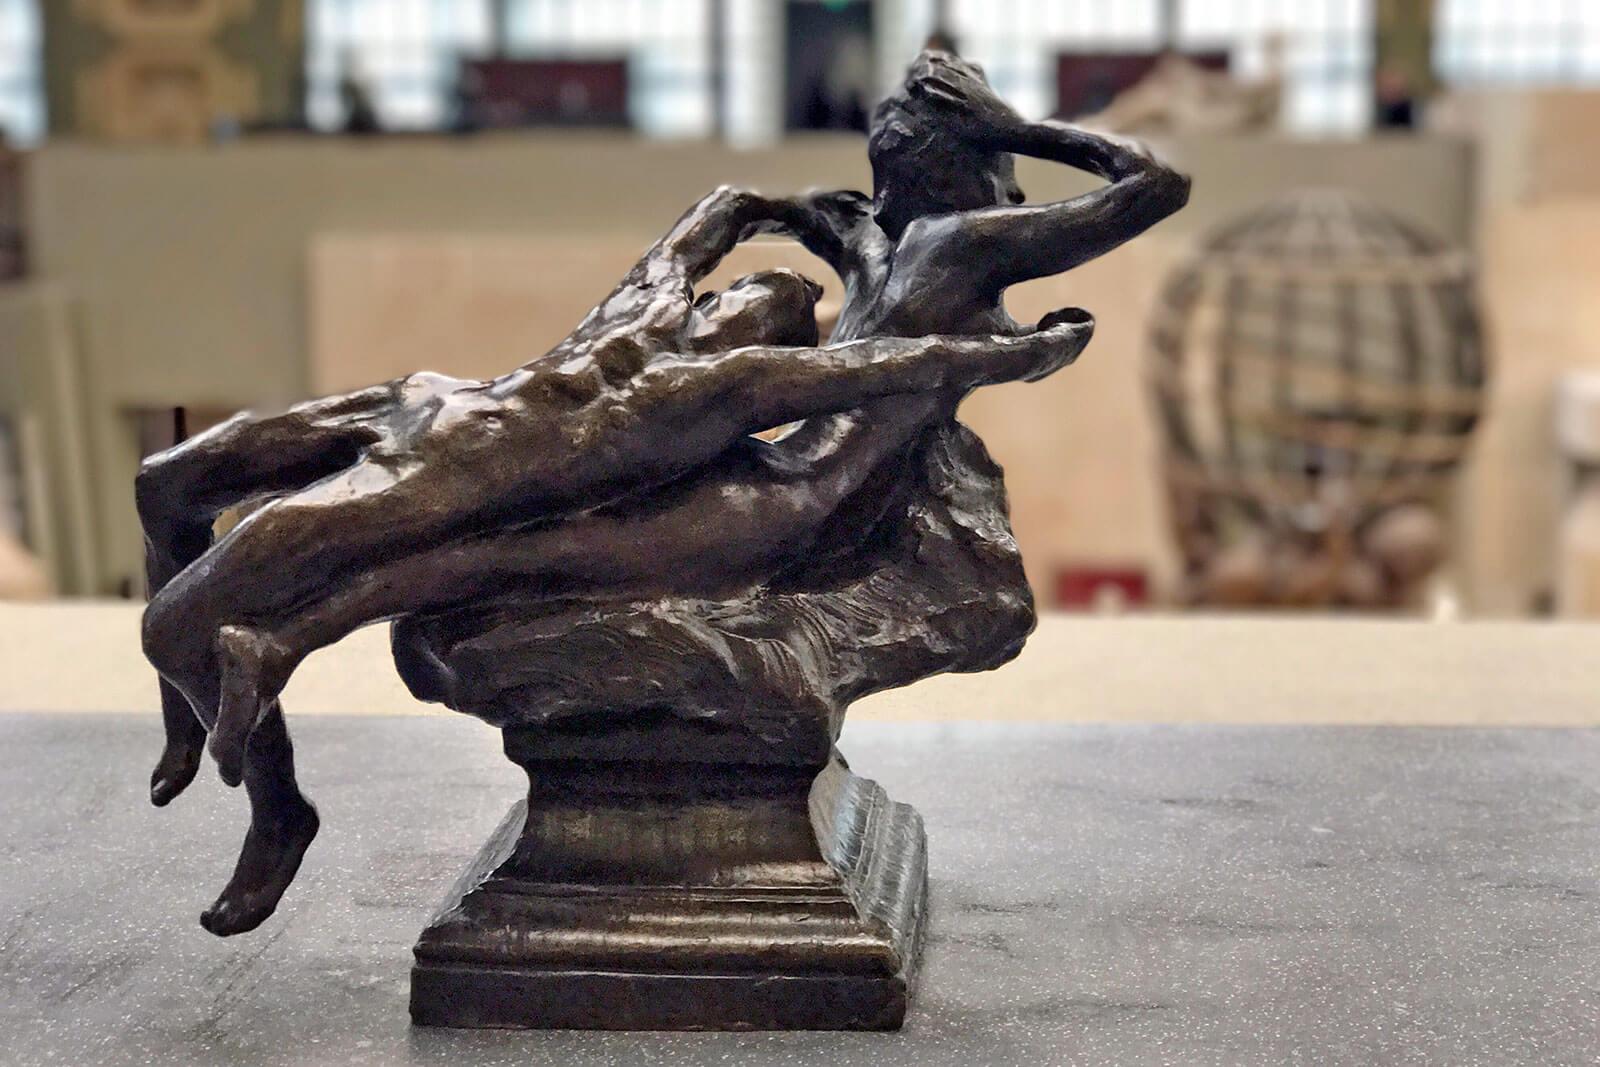 Escultura com dois corpos entrelaçados.